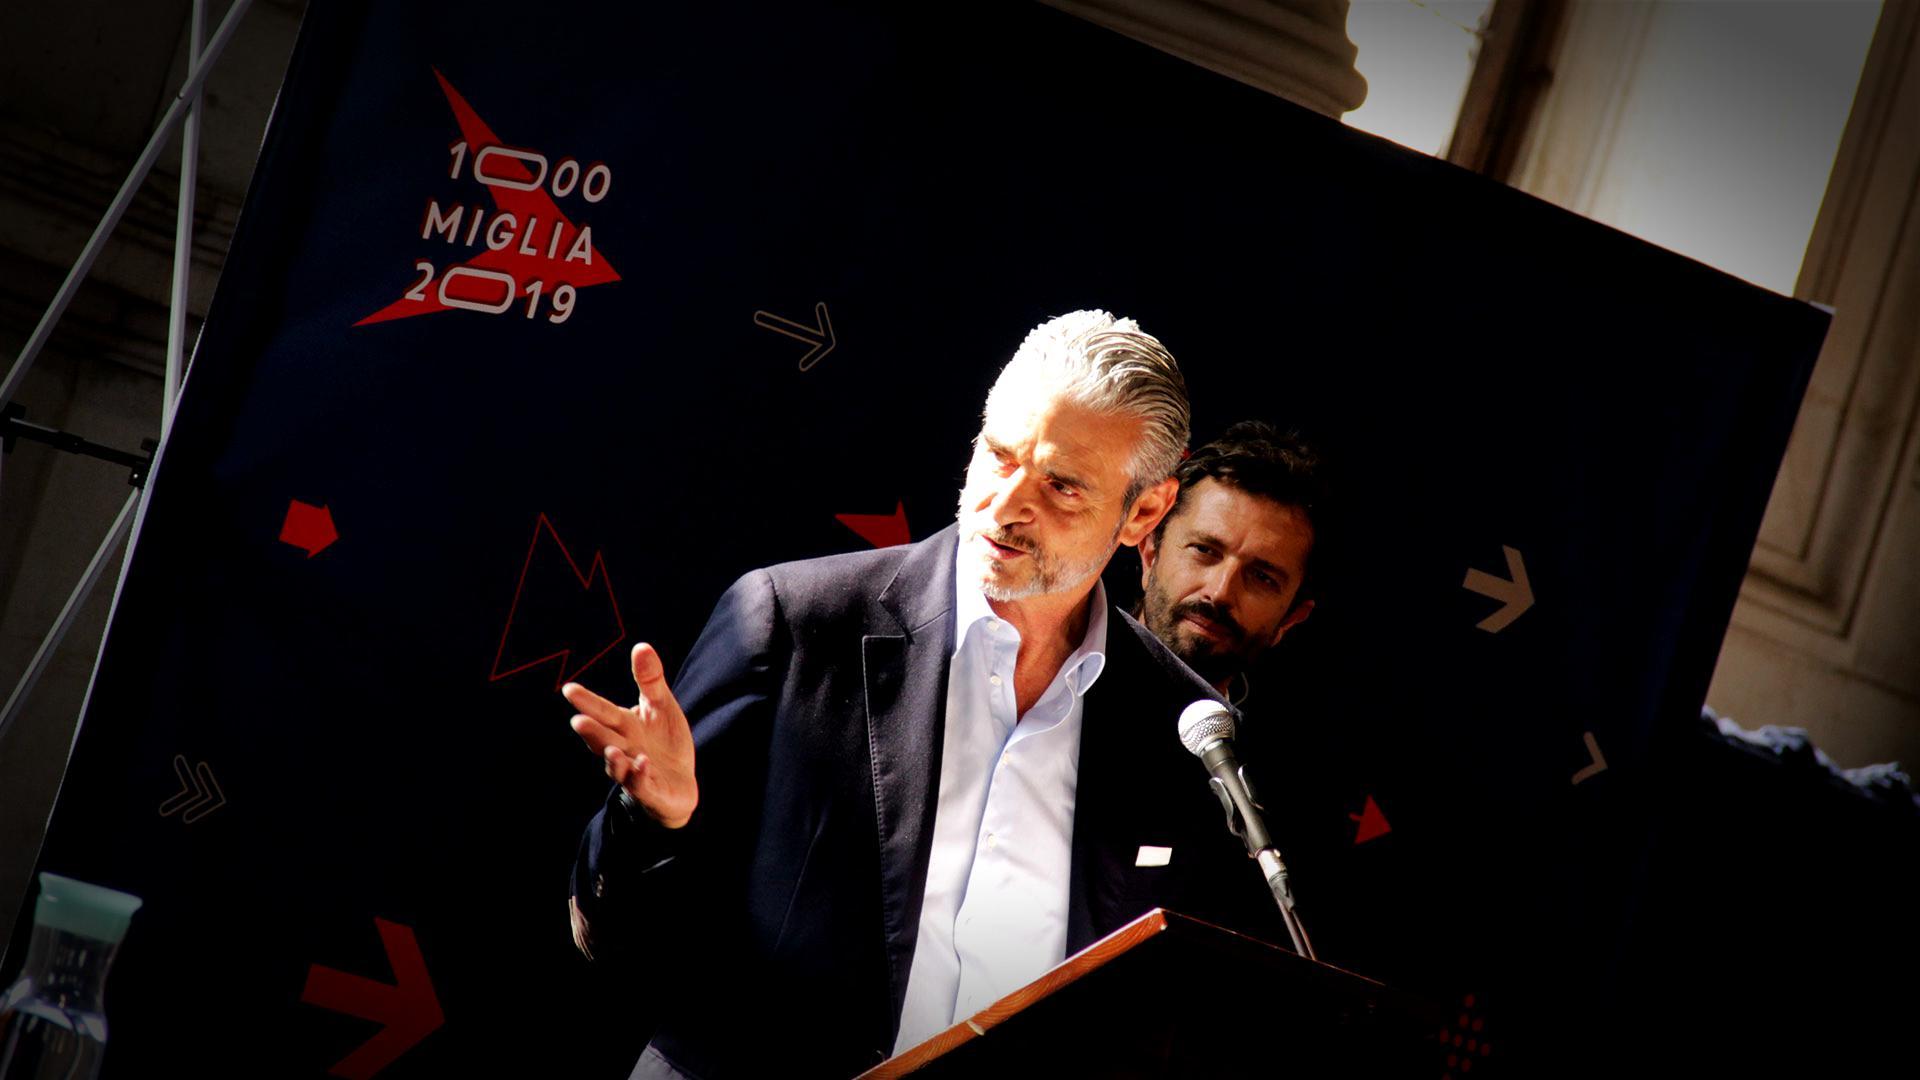 1000-miglia-2019-conferenza-stampa